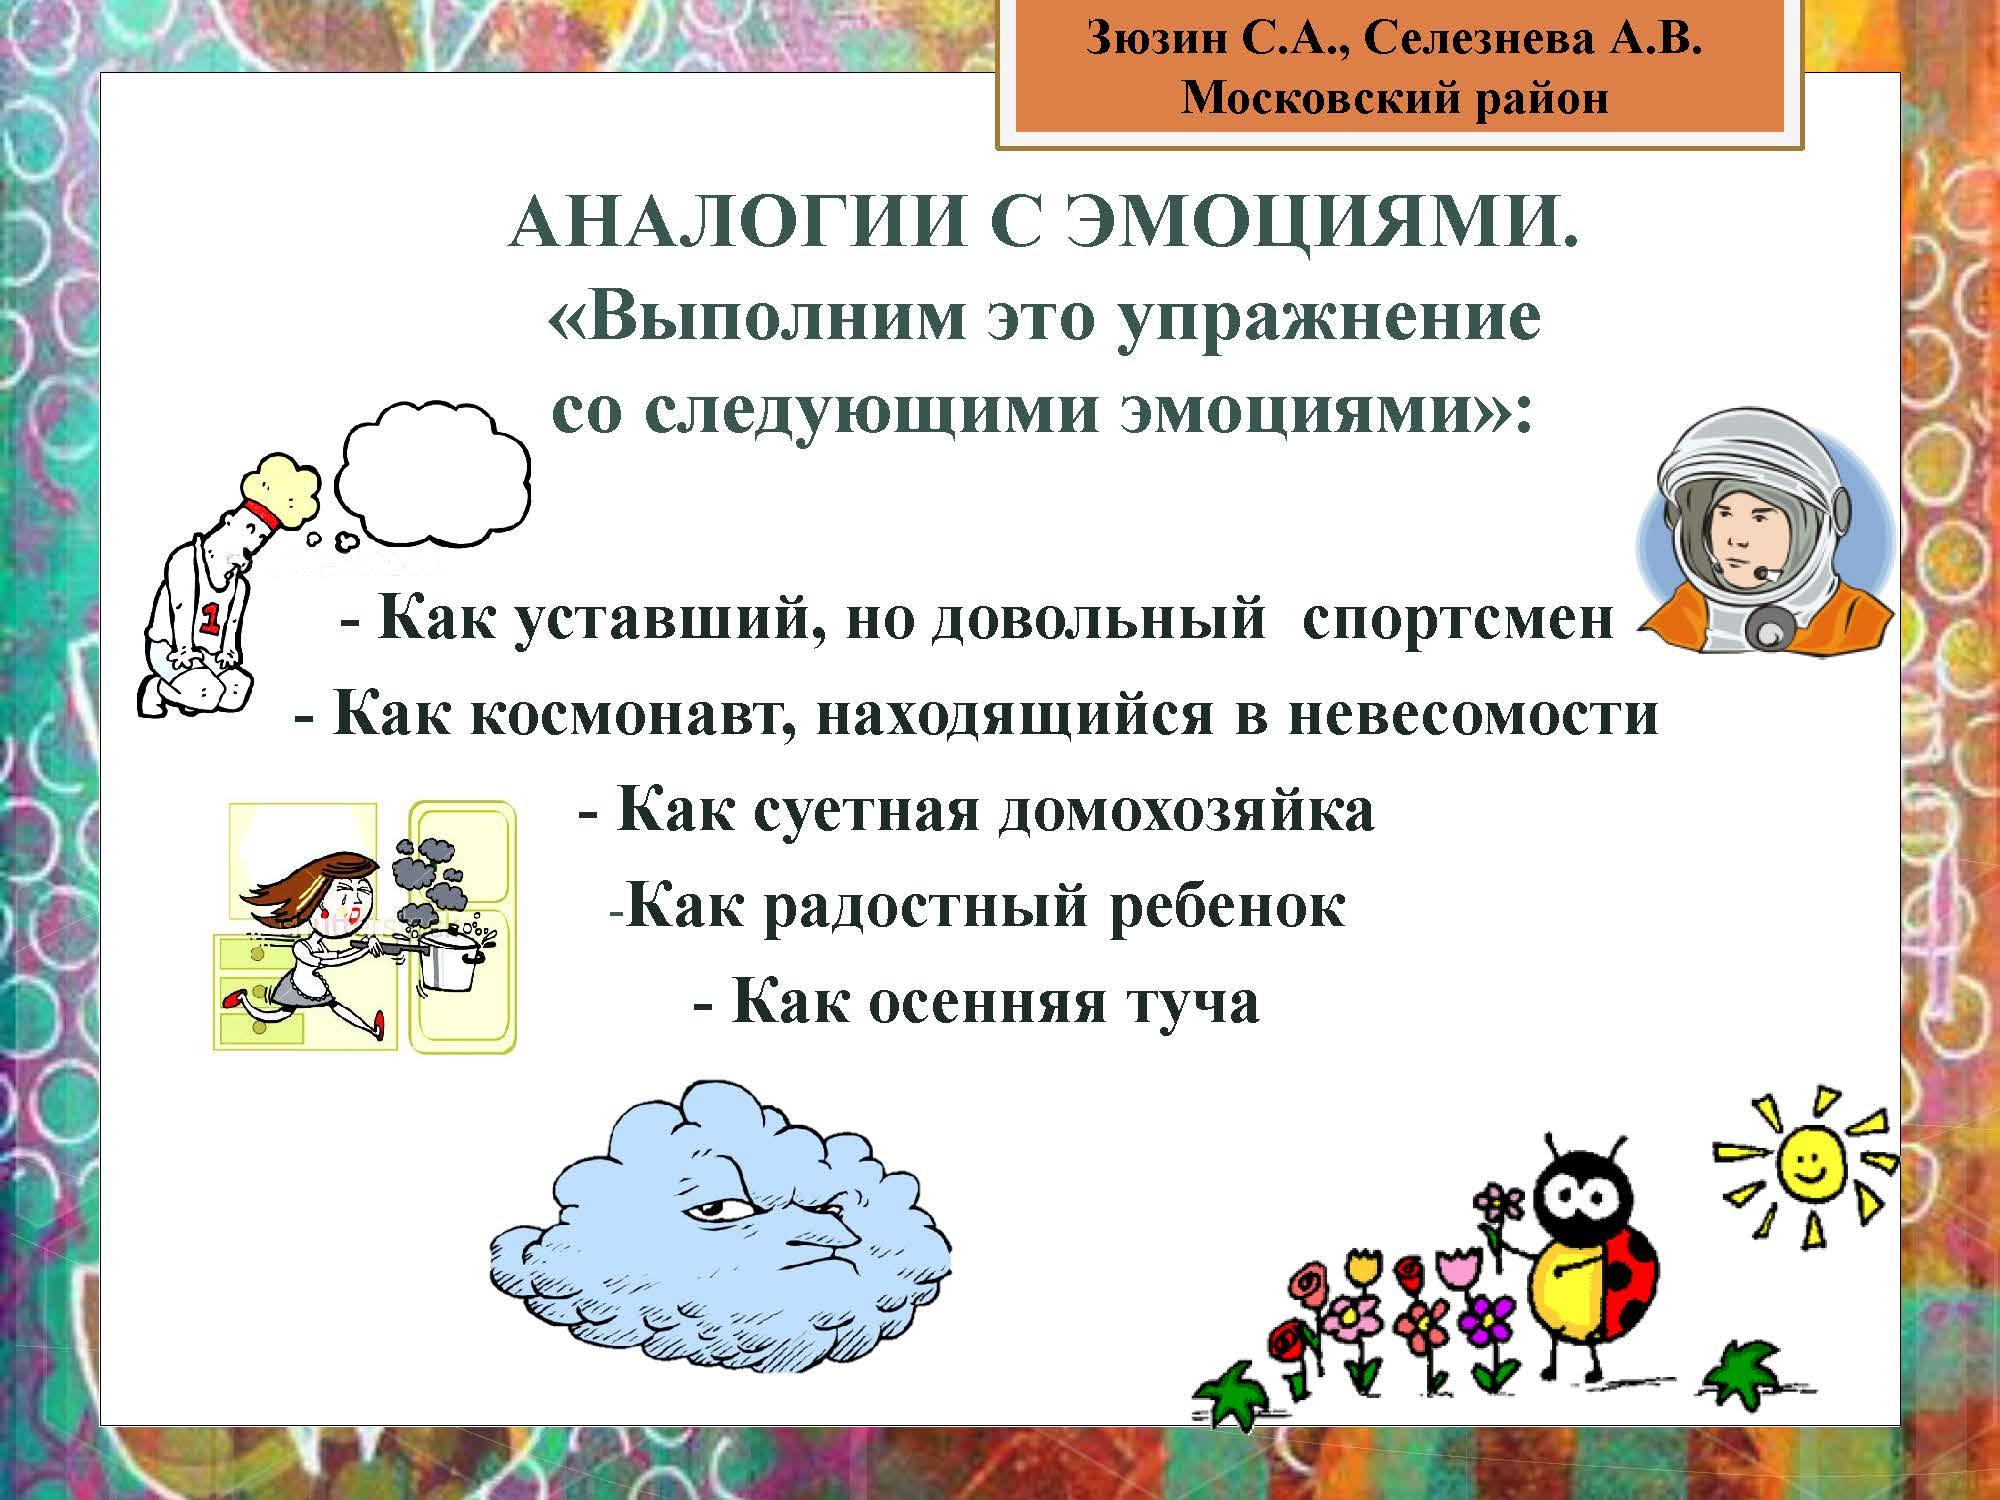 секция 8. ГБОУ 495. Московский район_Страница_11